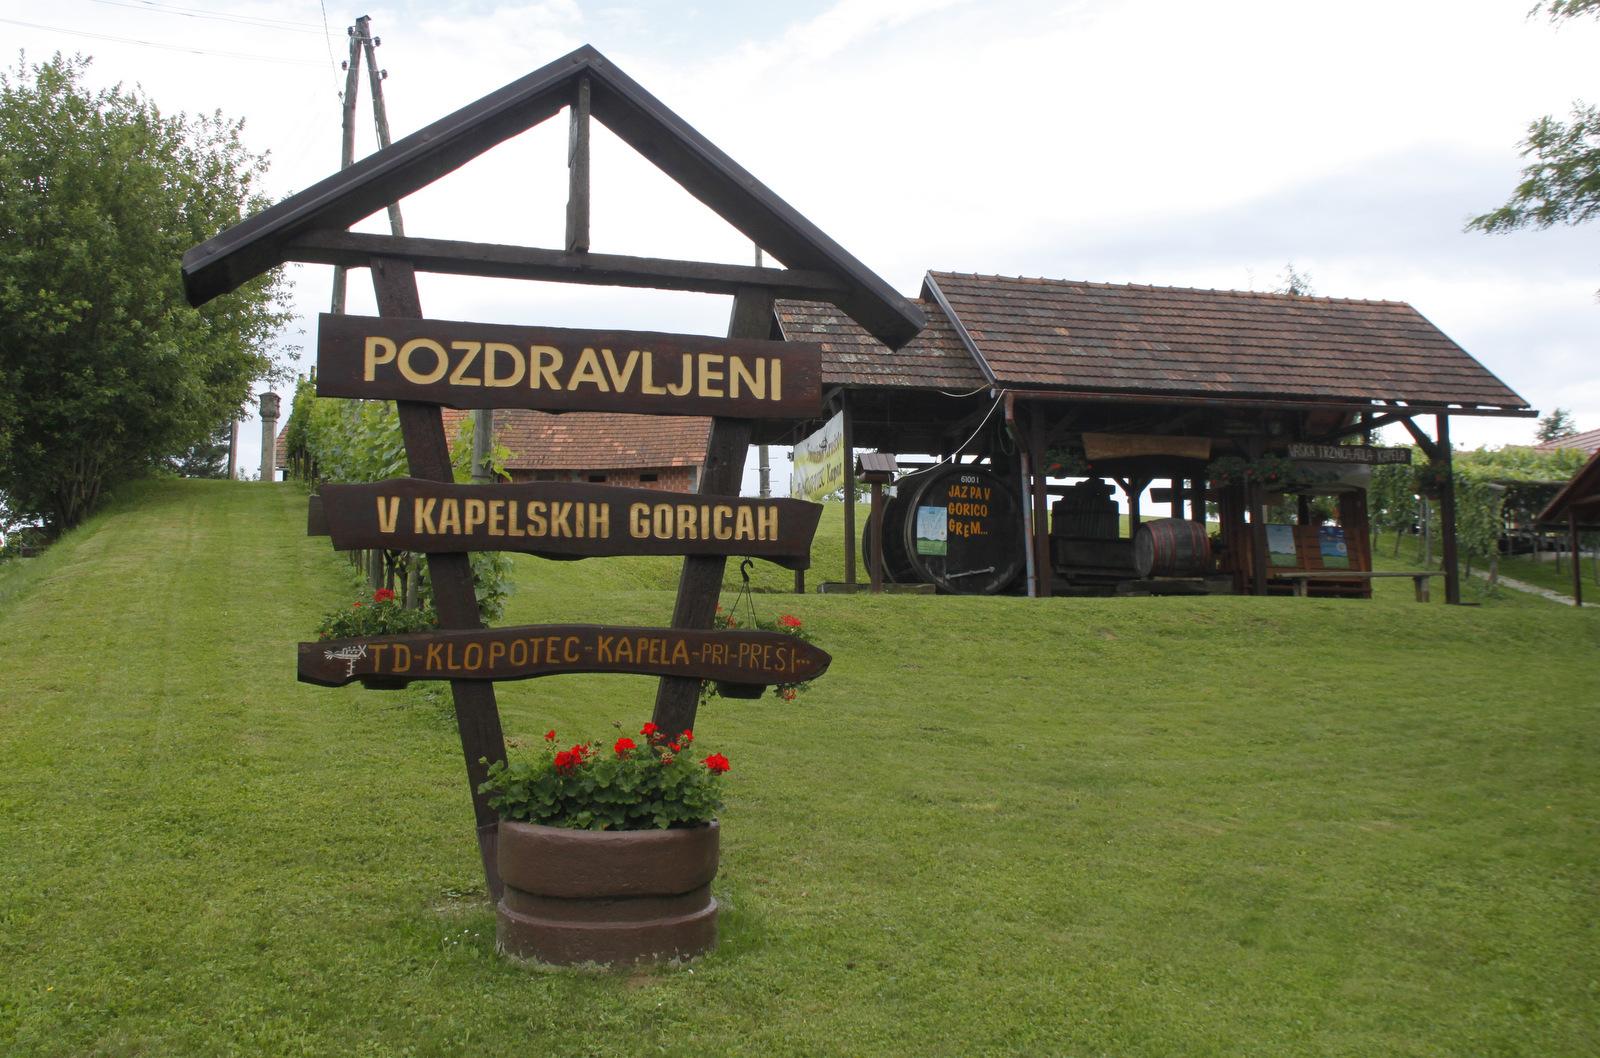 Pozdravljeni v Kapelskih goricah z mini muzejem vinogradništva na prostem